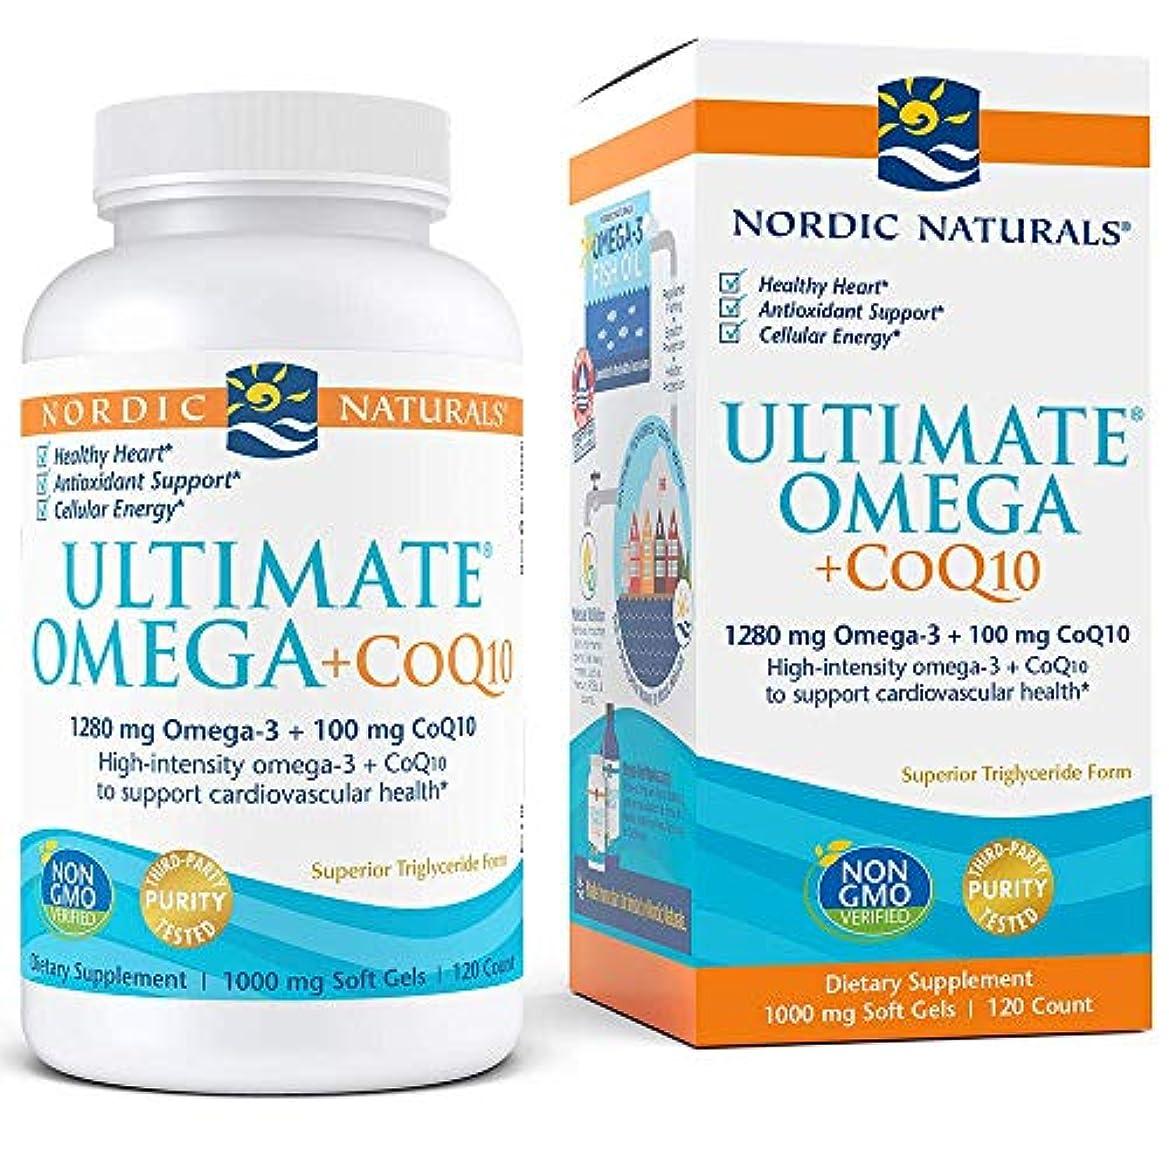 ゲージ超えて発送Nordic Naturals Ultimate Omega + CoQ10 アルティメットオメガ+コエンザイムQ10 120錠 [海外直送品]